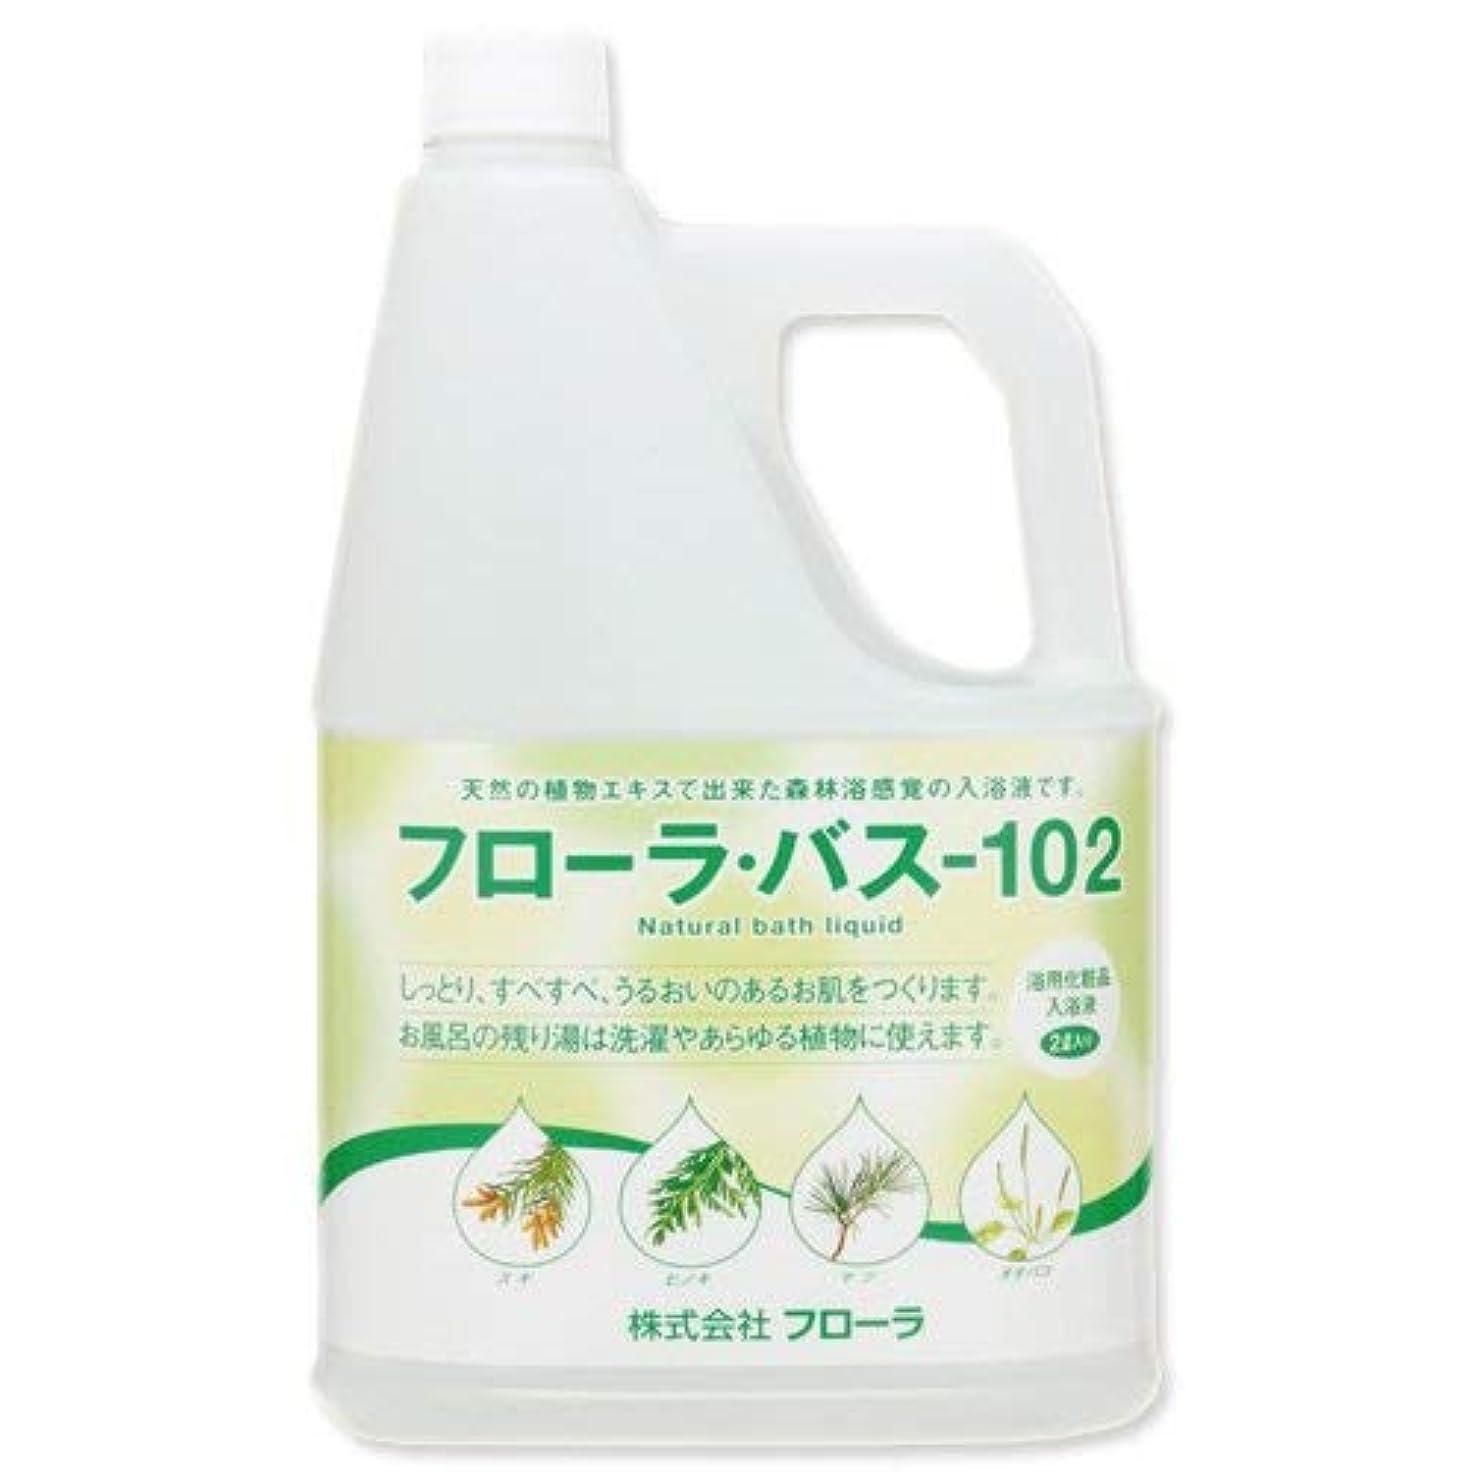 影響を受けやすいですまともなボトル浴用化粧品 入浴液 フローラ?バス-102  2L